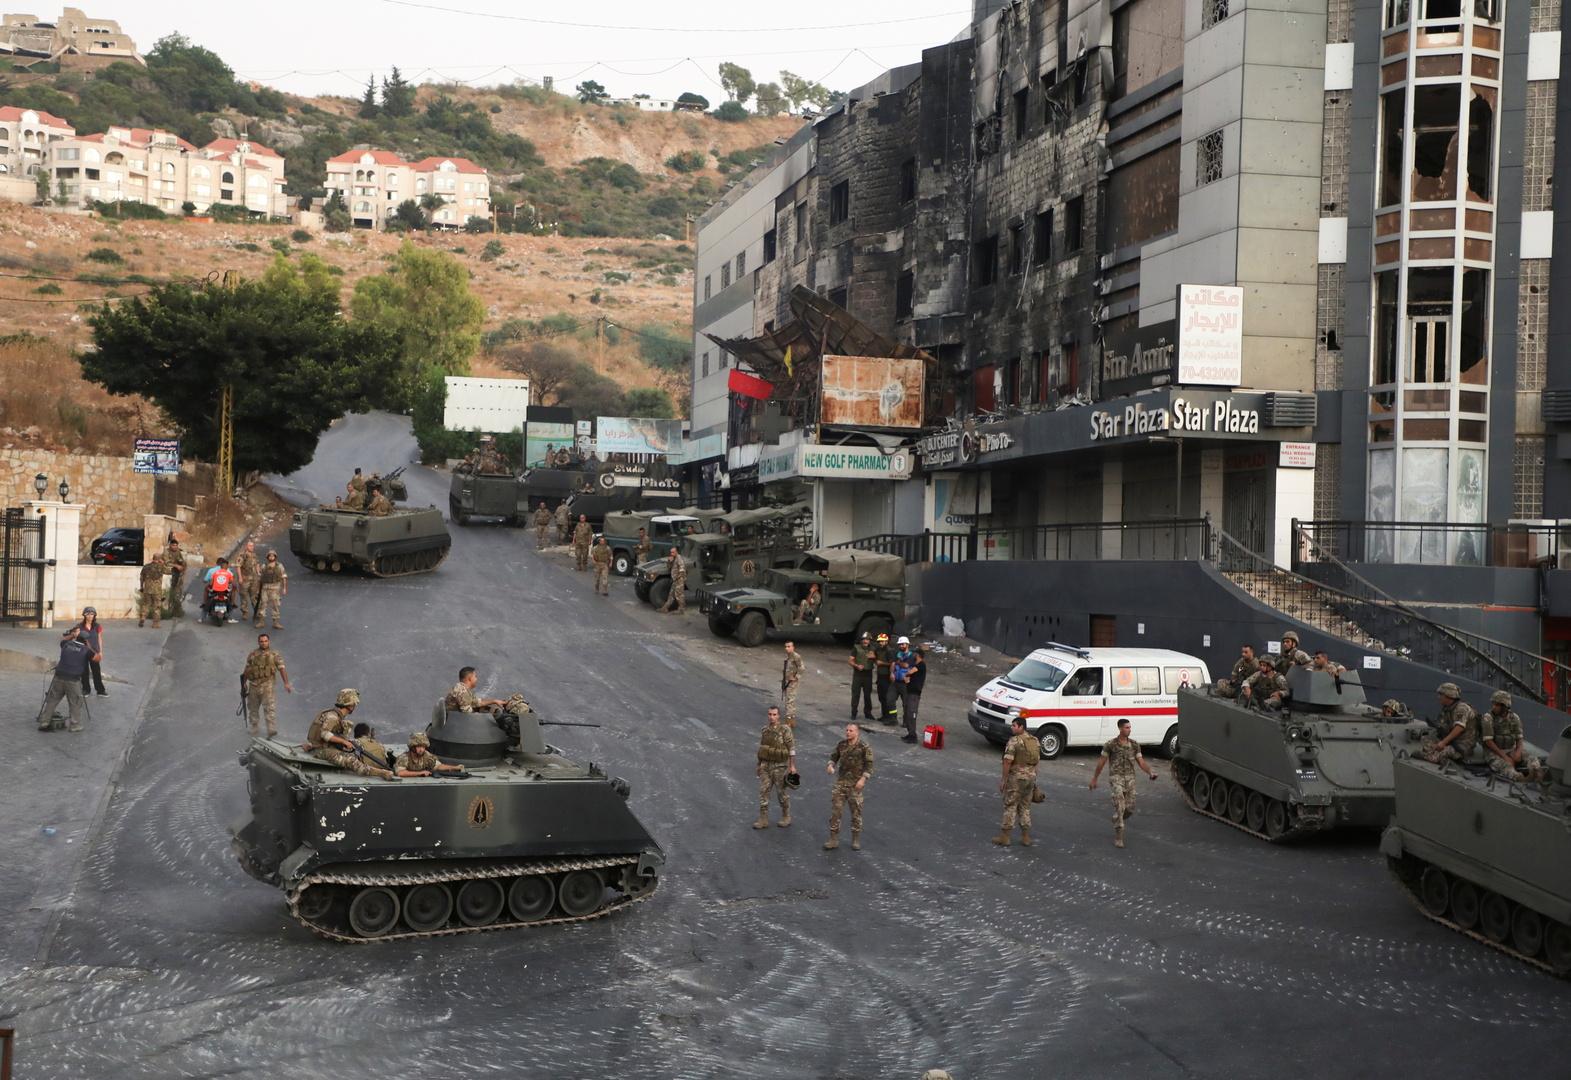 مراسلنا: معلومات عن تمكن الجيش اللبناني من توقيف المتهم الرئيسي باشتباكات خلدة